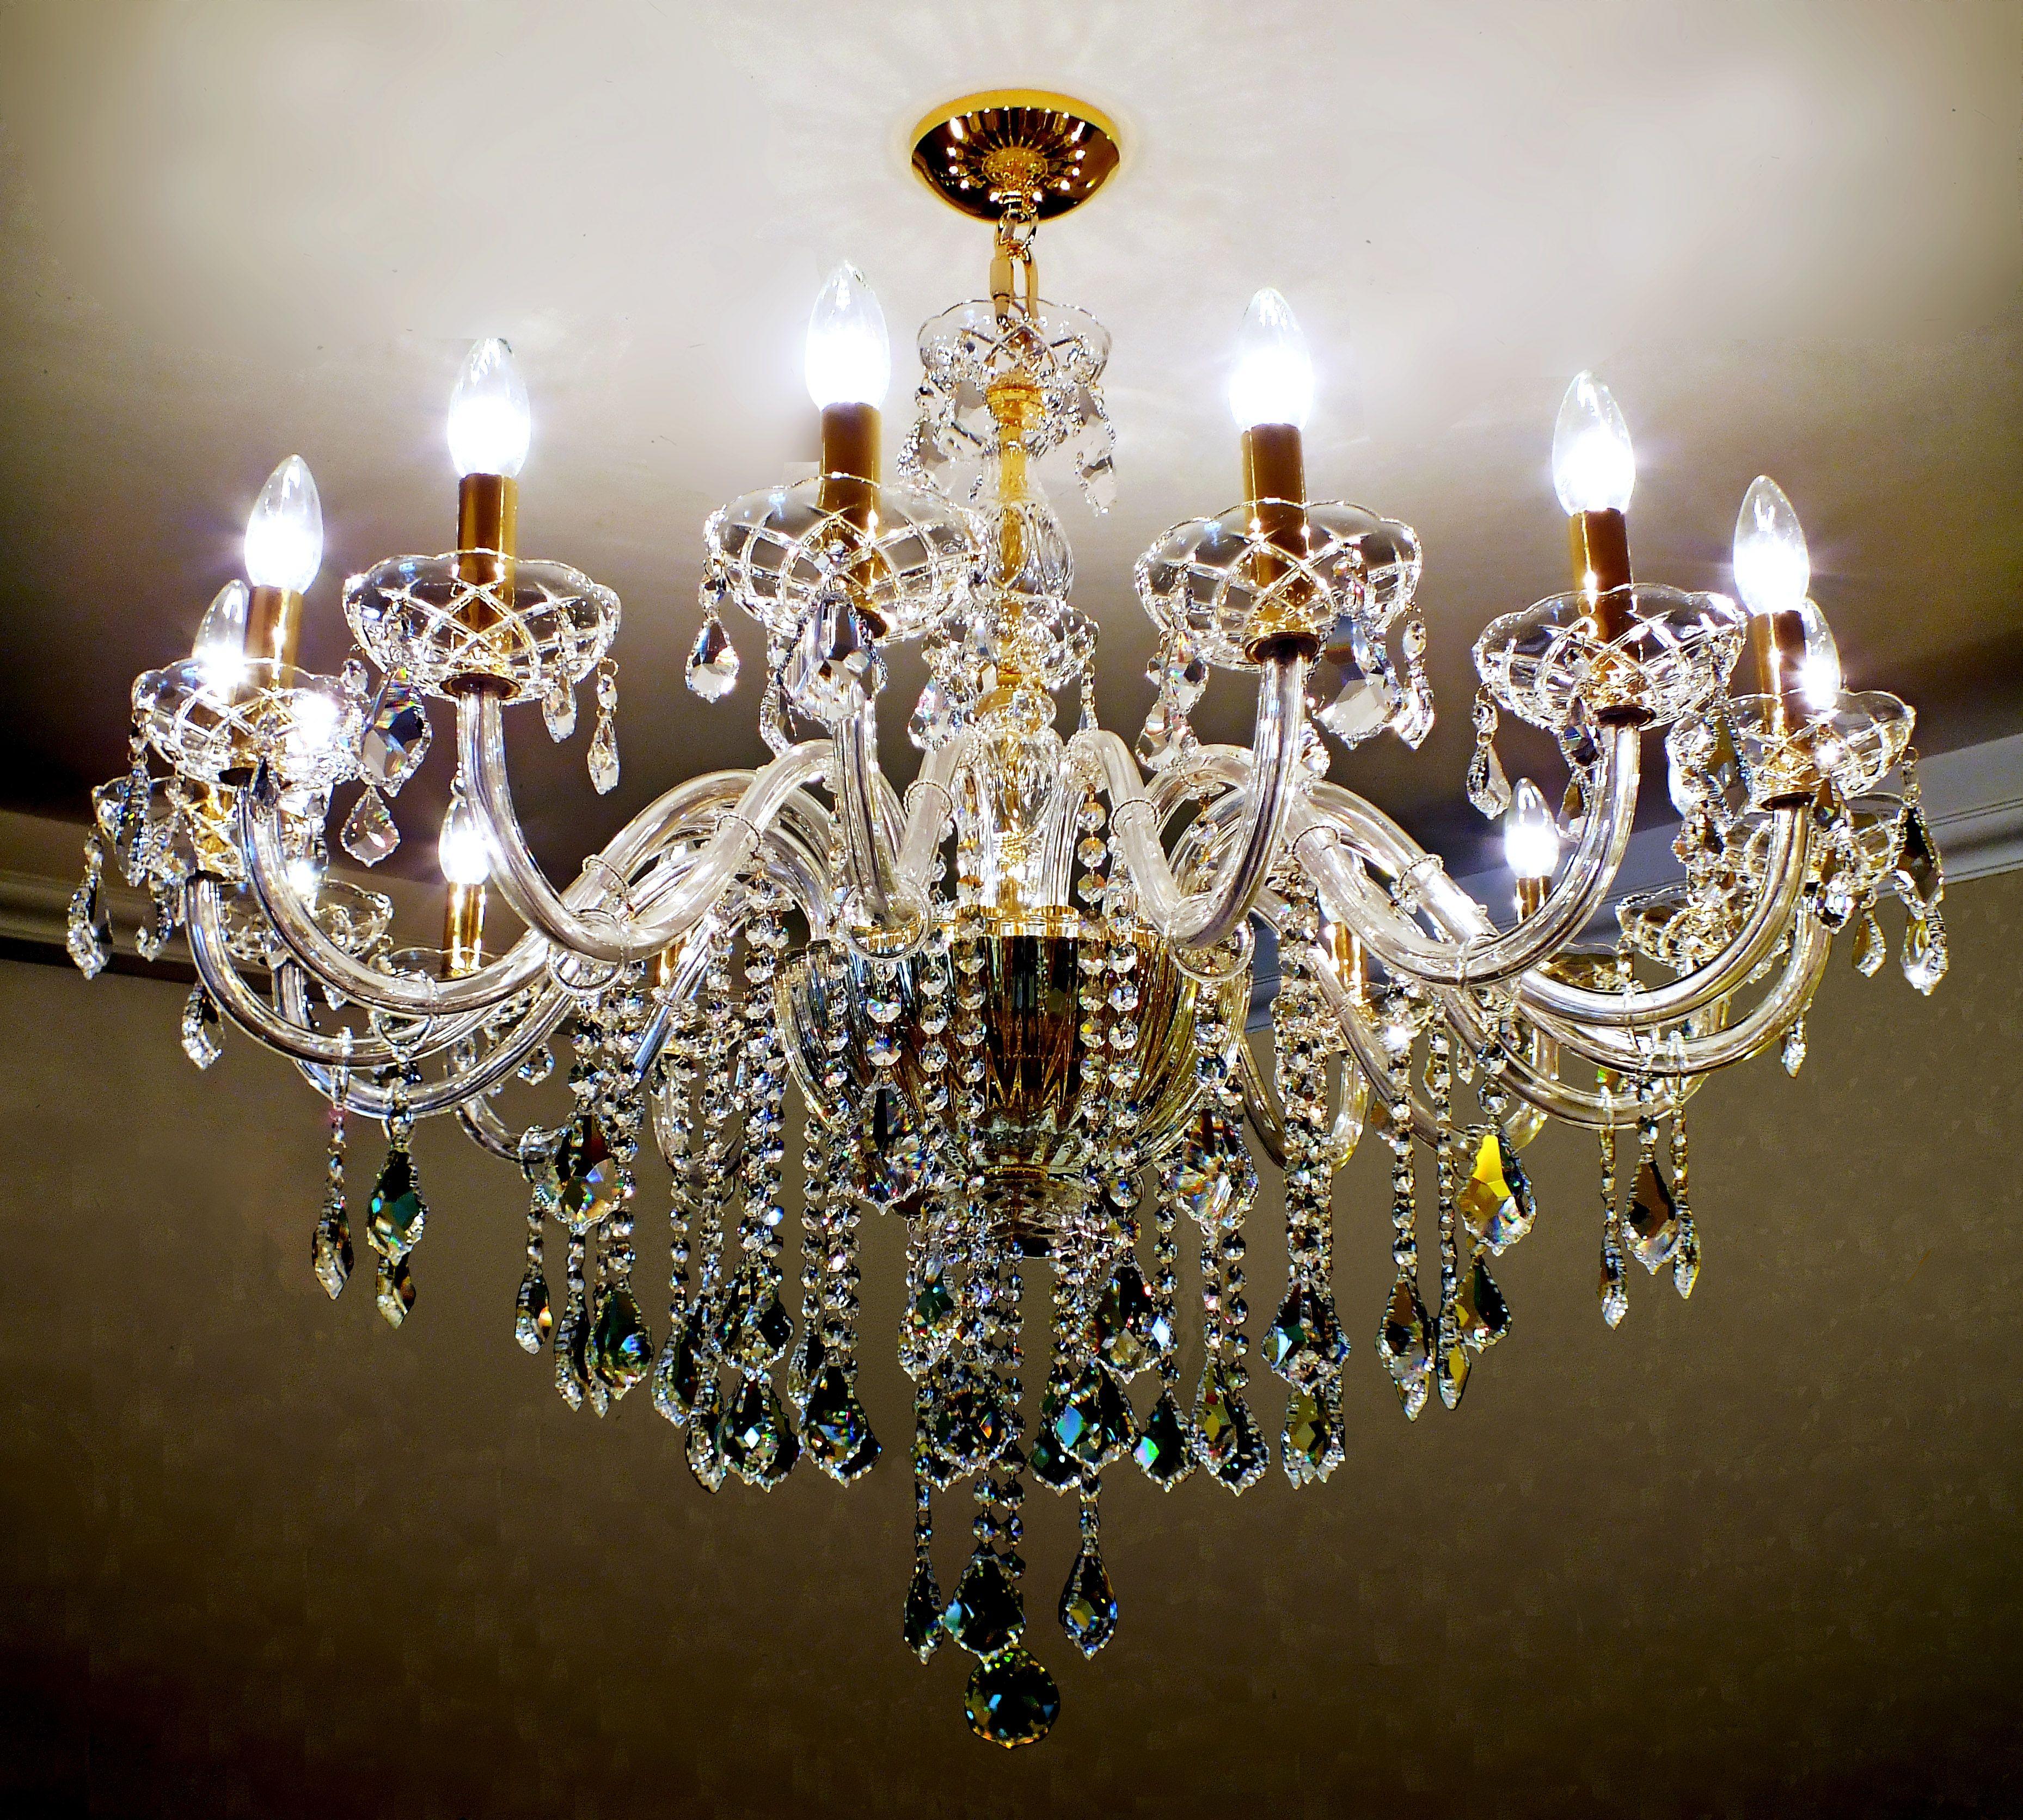 3f980a7ac42a7db593c7e55ffd1ca8da 10 Merveilleux Lustre Cristal Kgit4